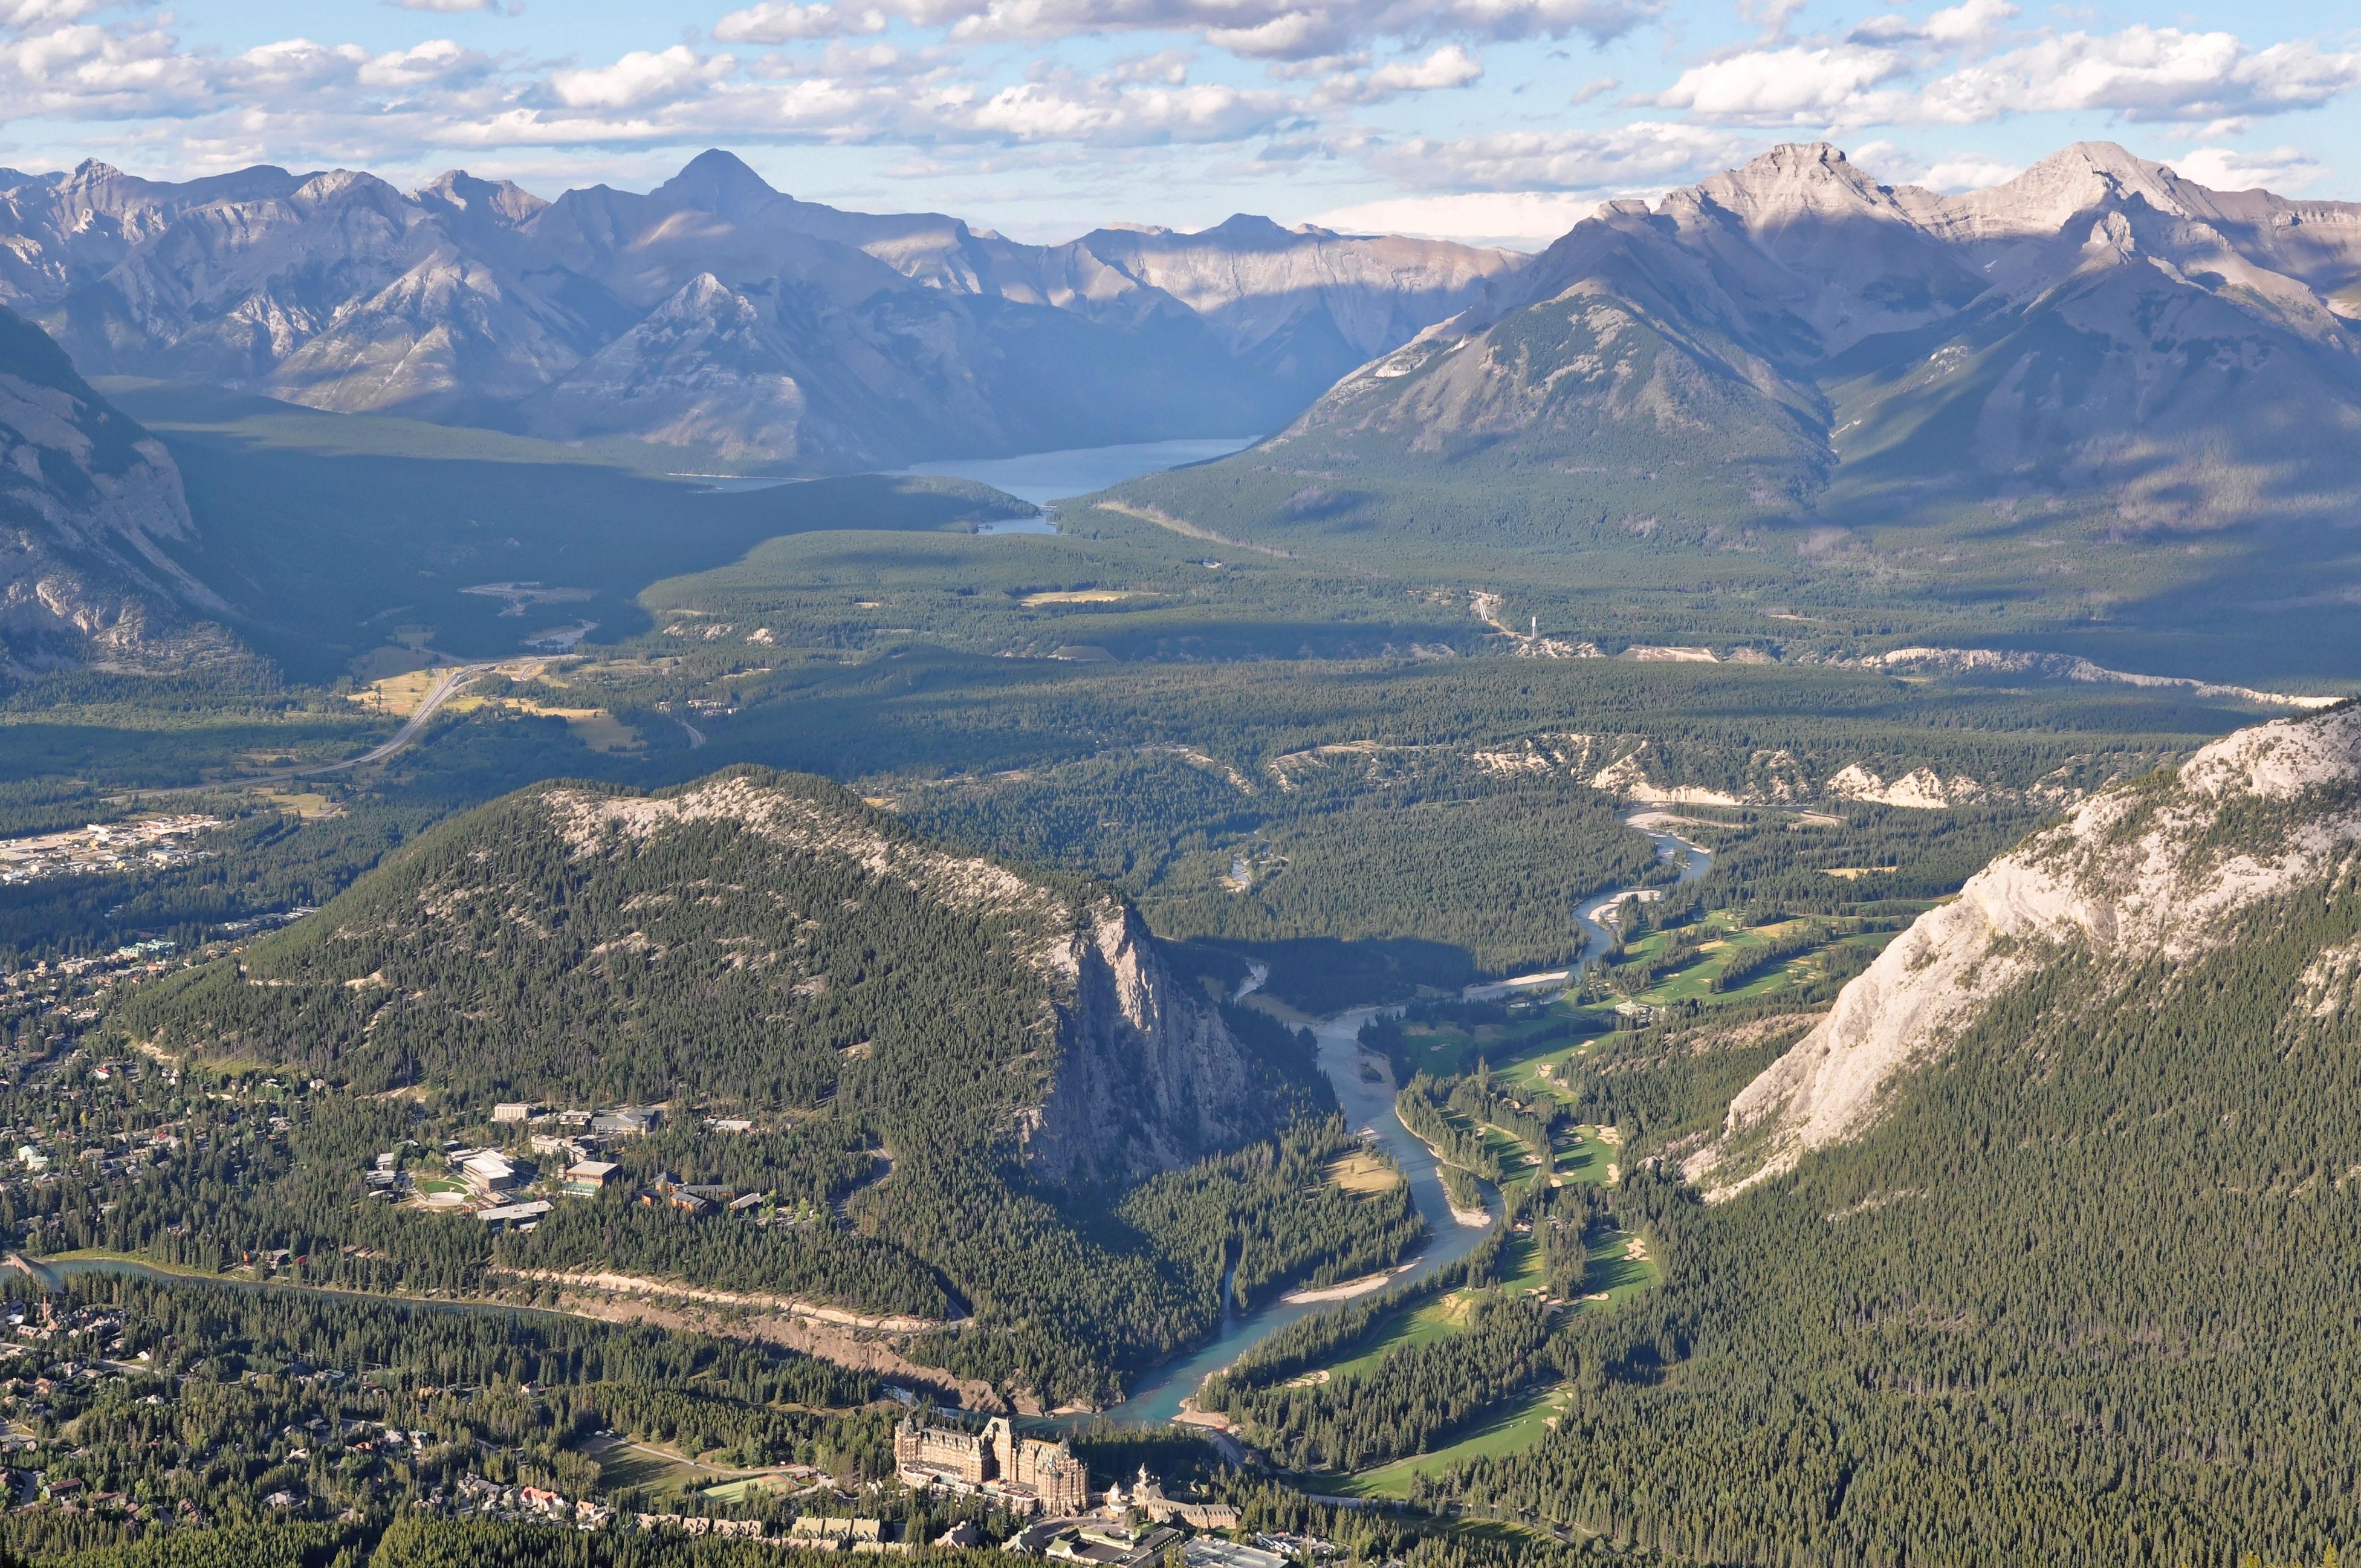 Vista desde la montaña Sulphur a la llegada de la góndola Banff